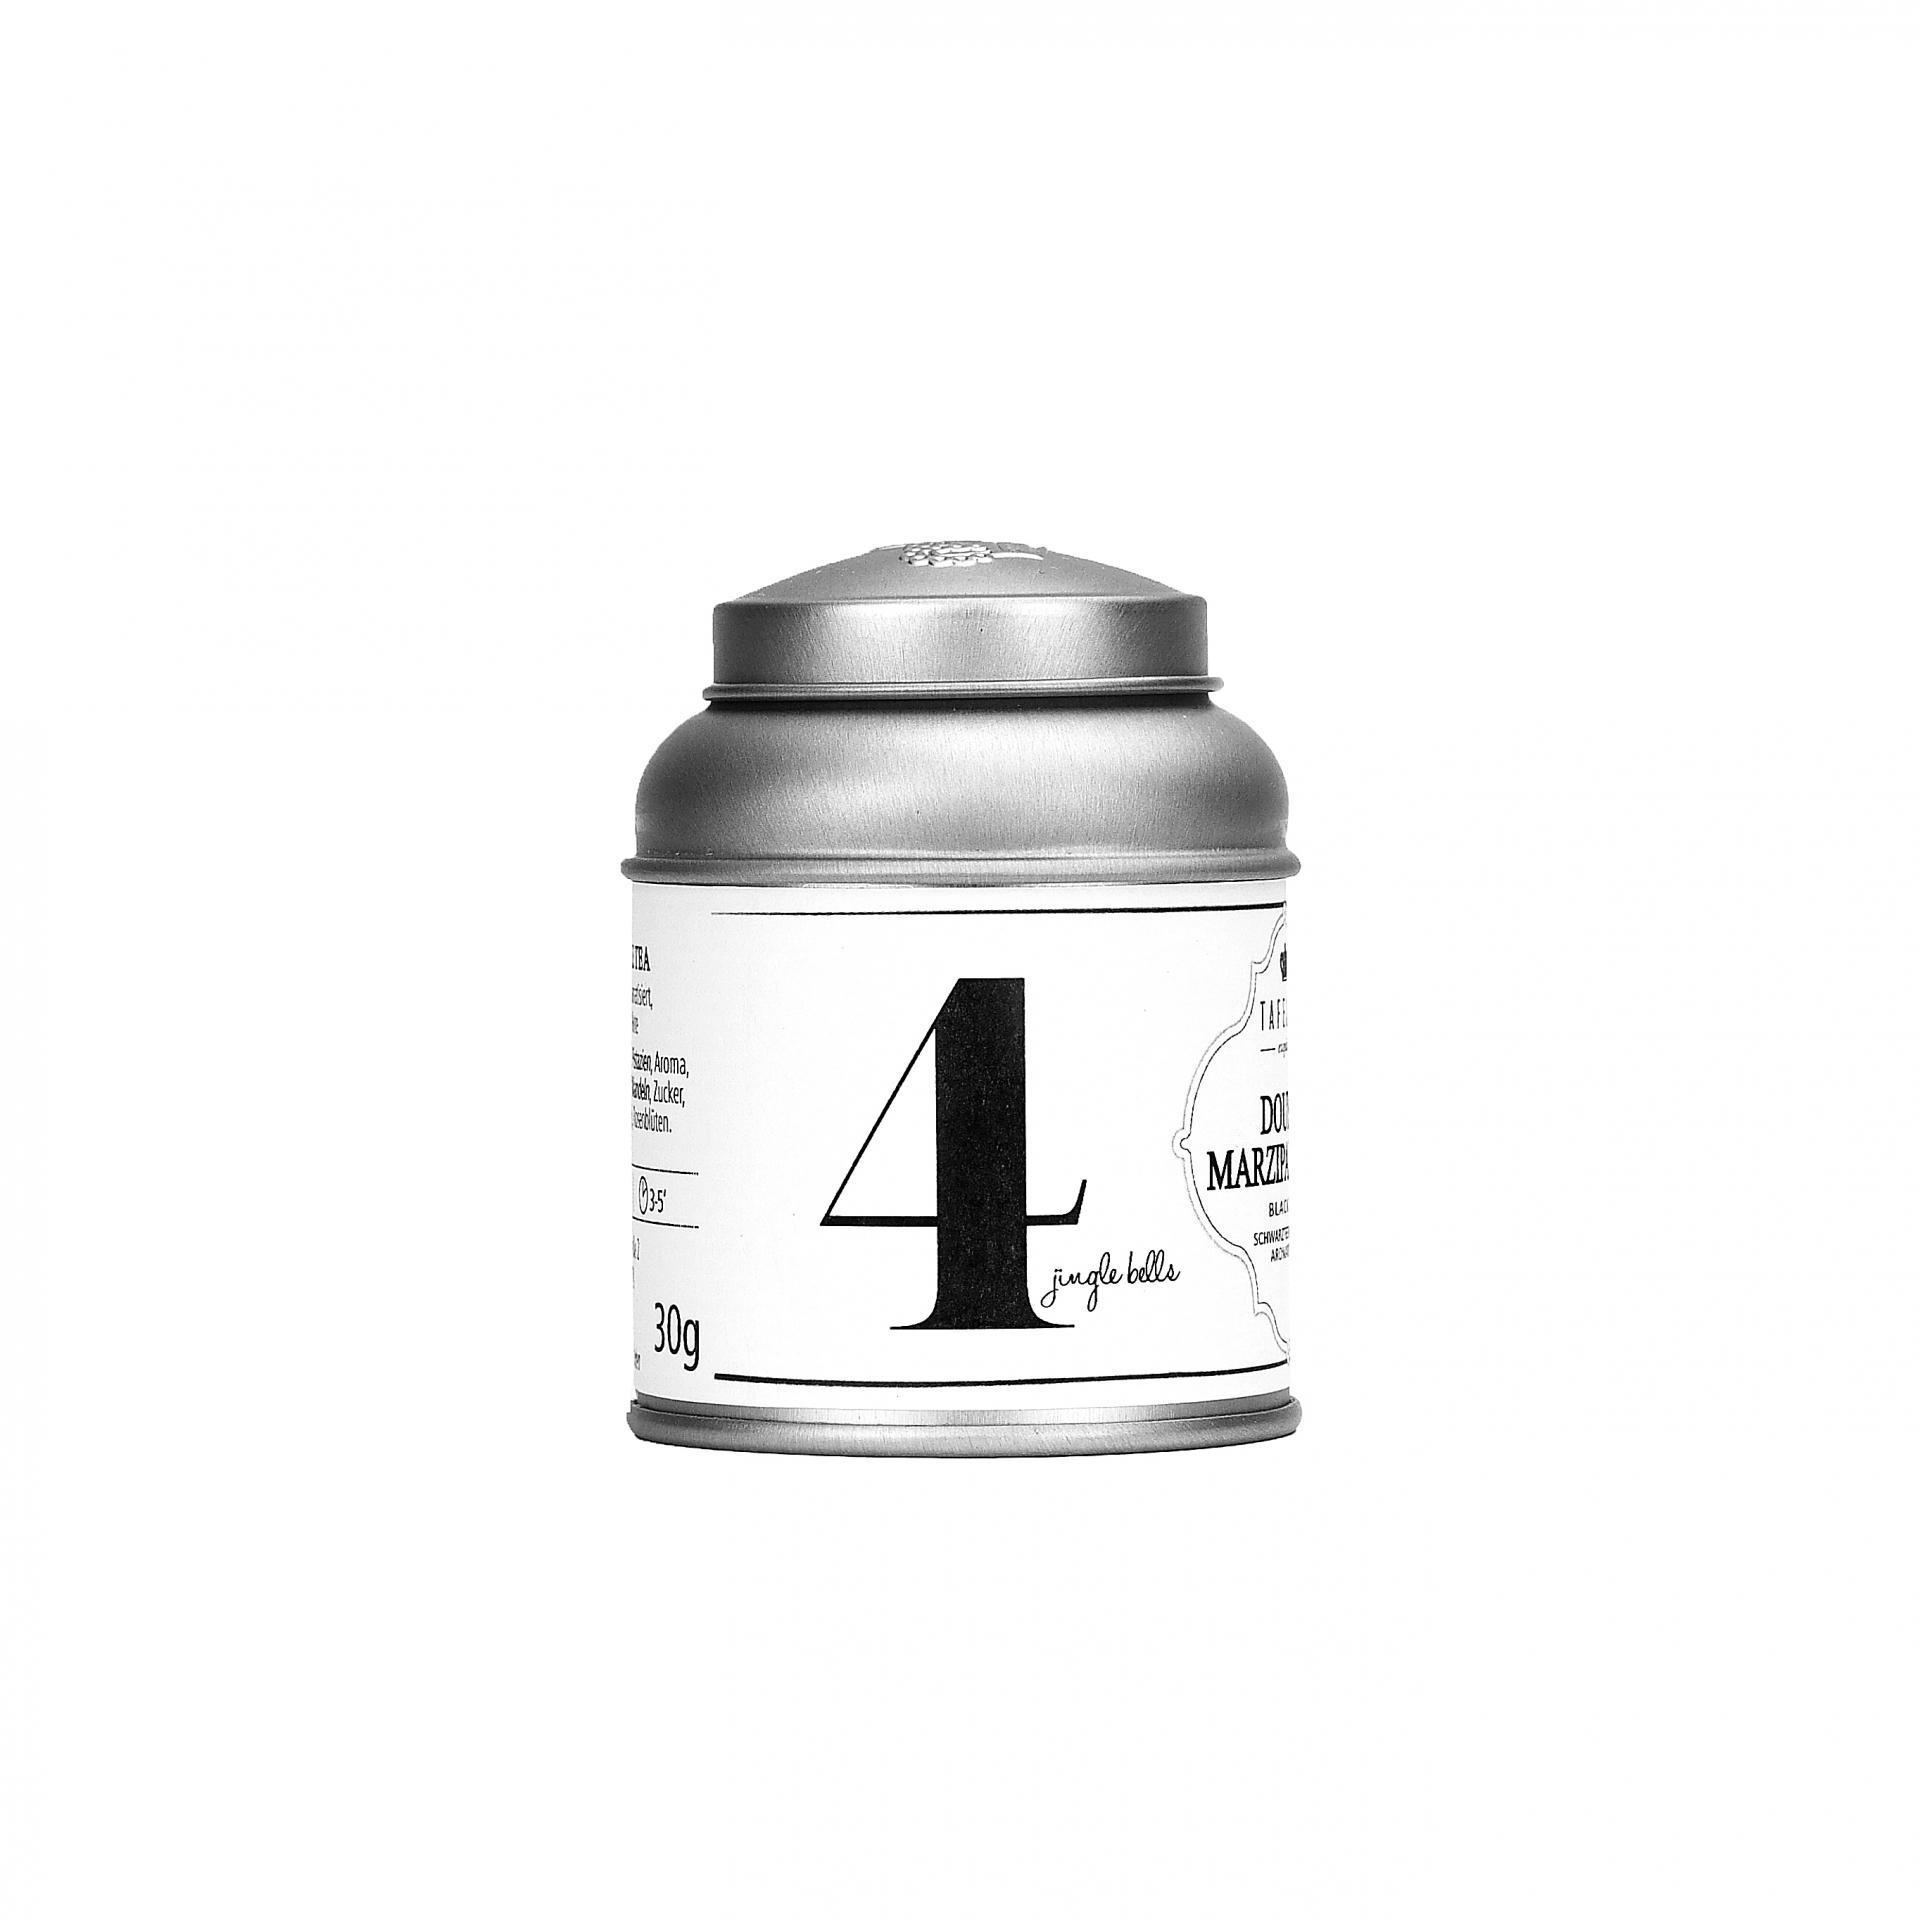 TAFELGUT Mini černý čaj Advent 4 - 30gr, černá barva, bílá barva, kov